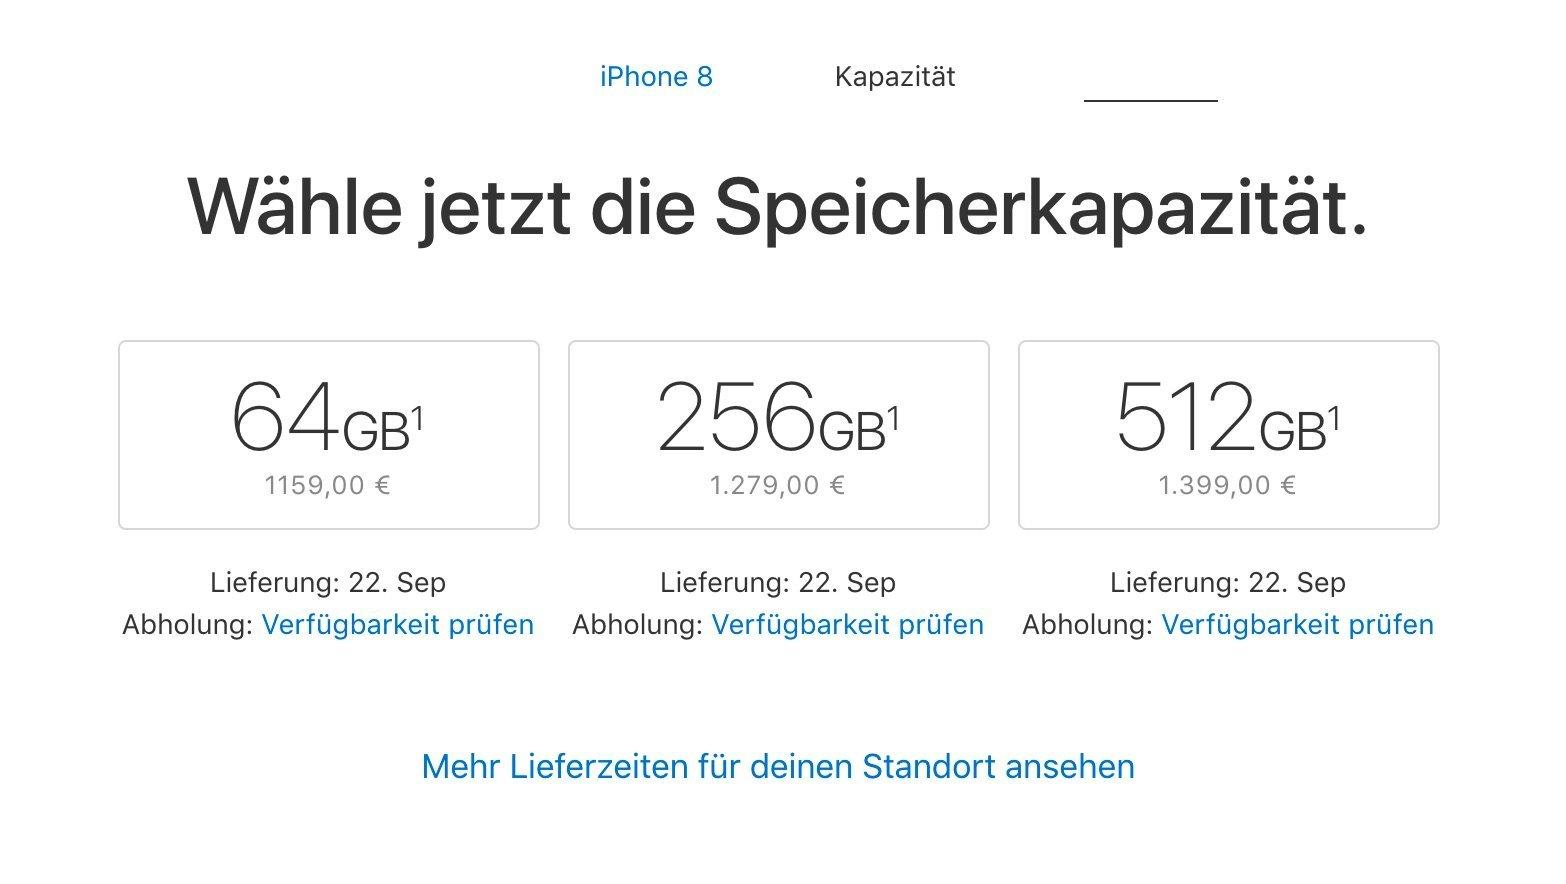 Deutsche iPhone 8 Preise: 64 GB ab 1159 Euro in Deutschland 1